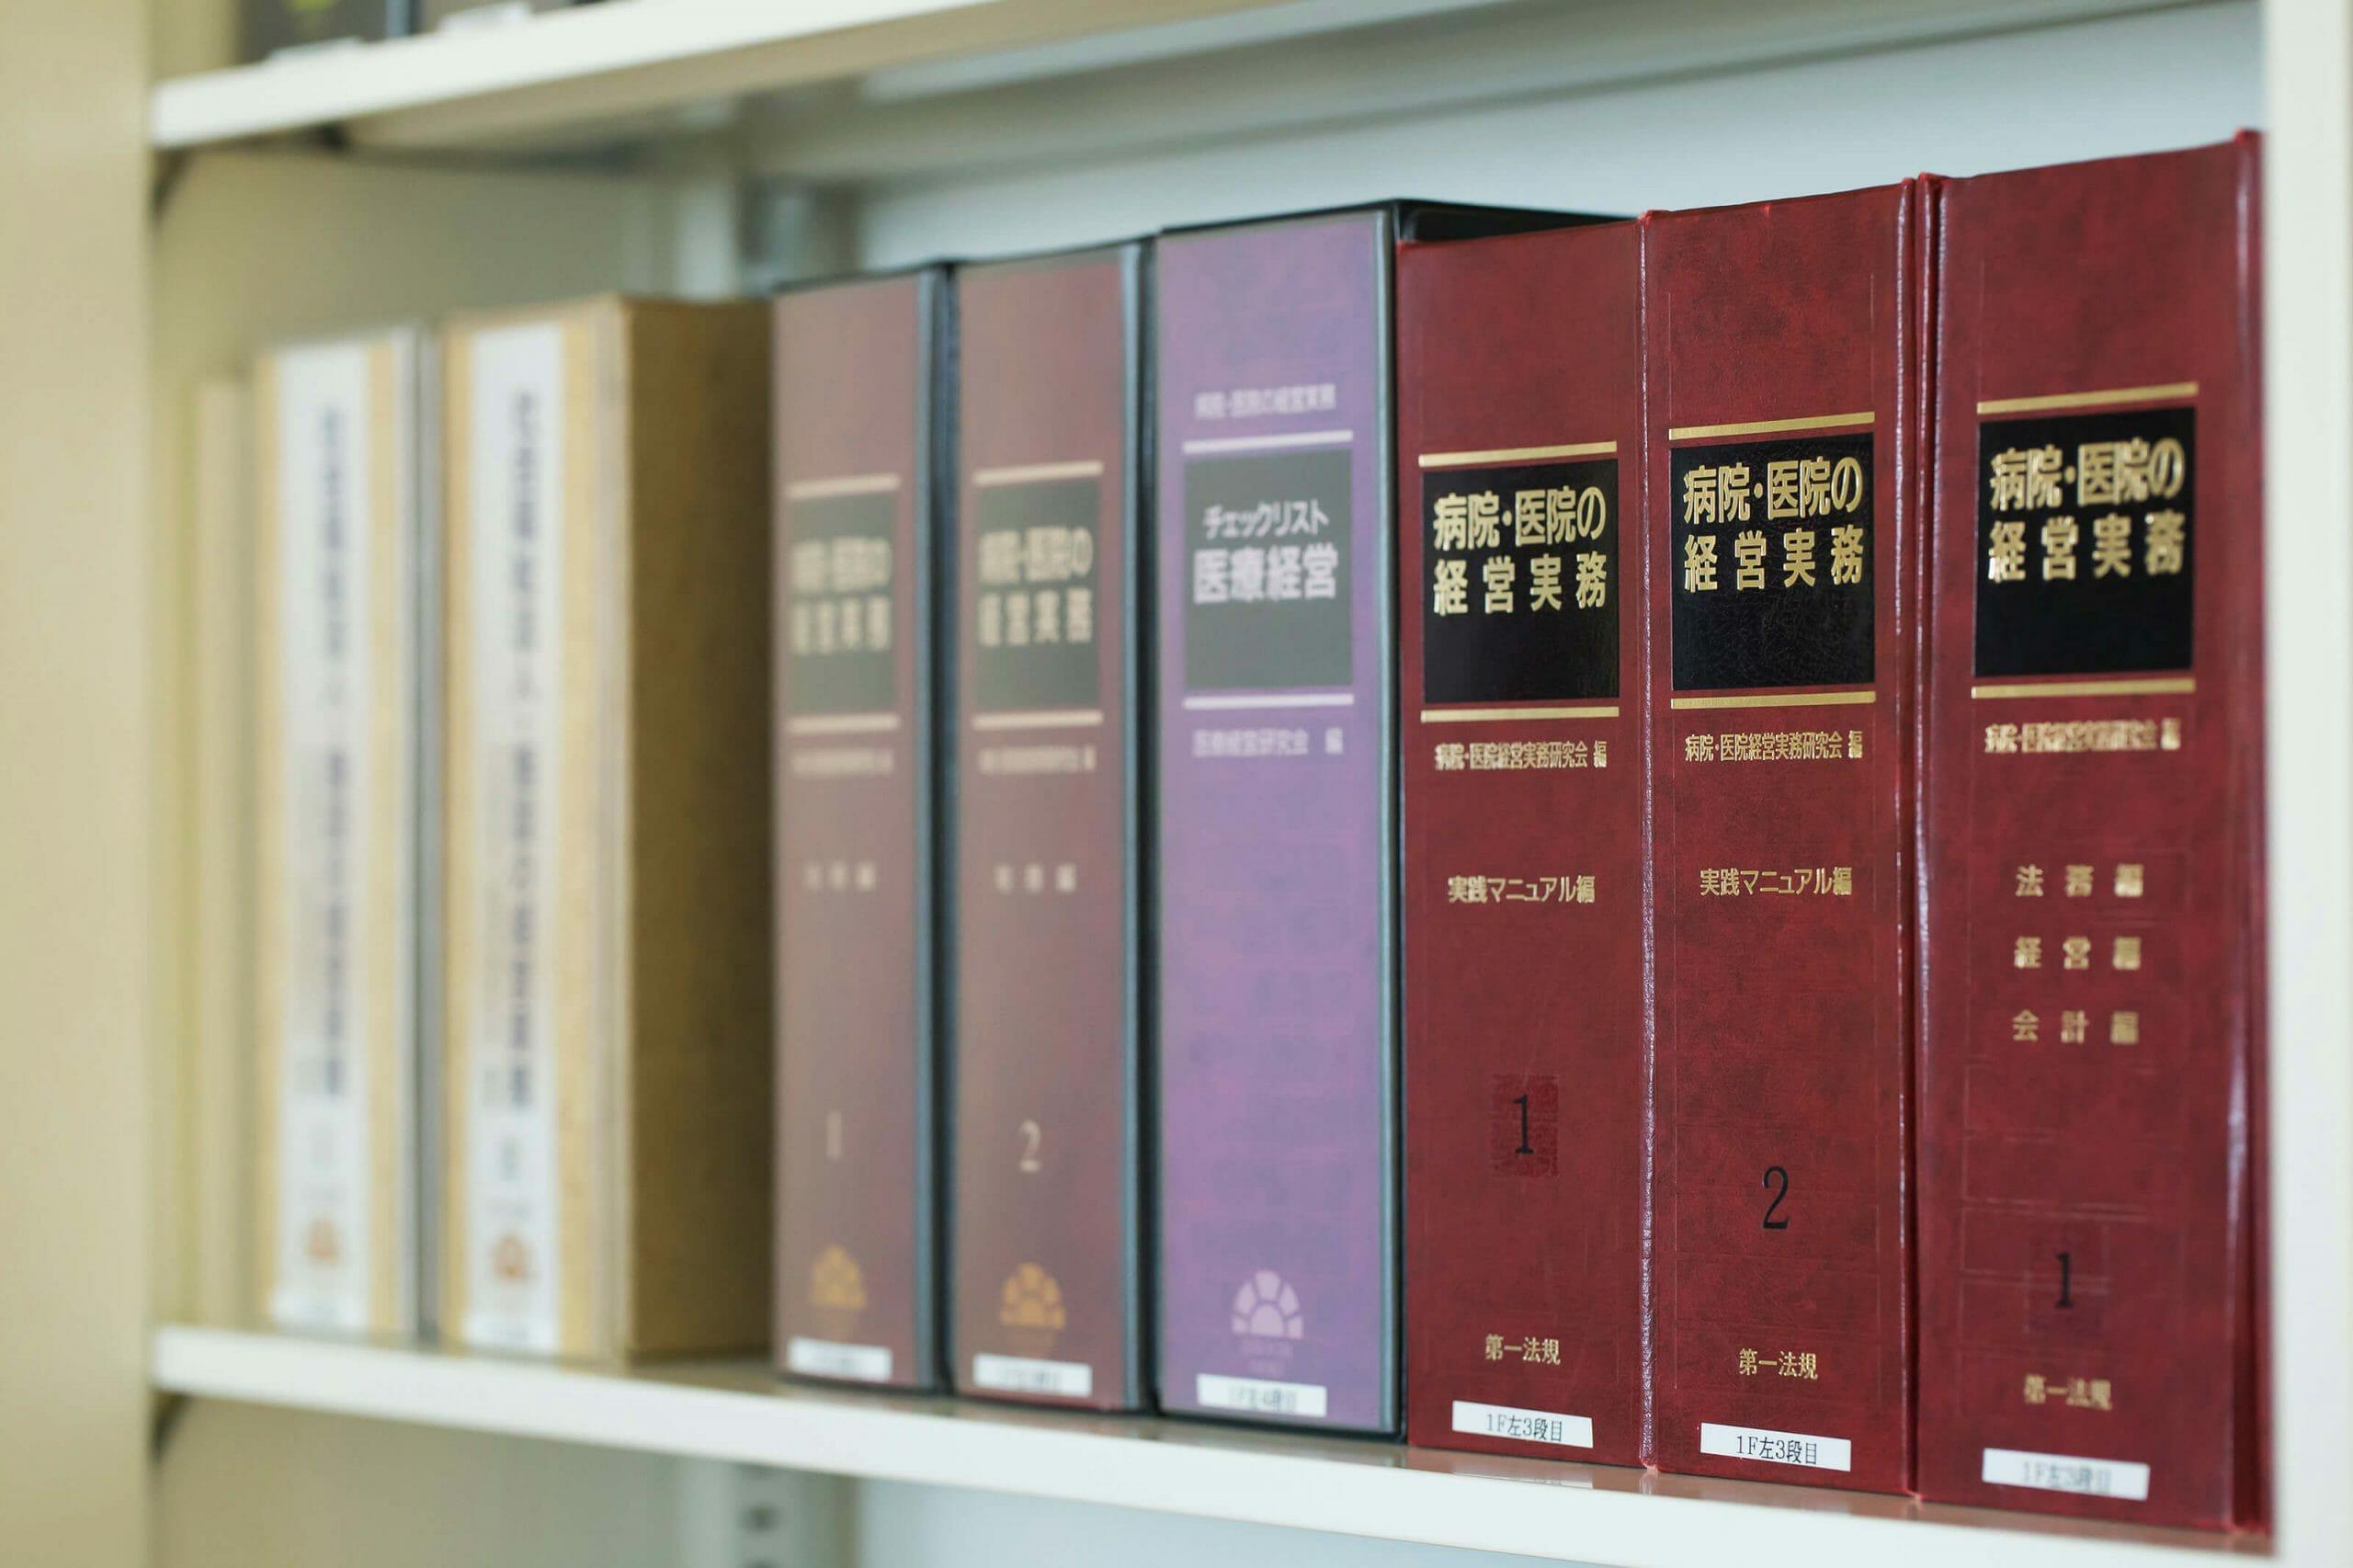 社会福祉法人コンサルティング